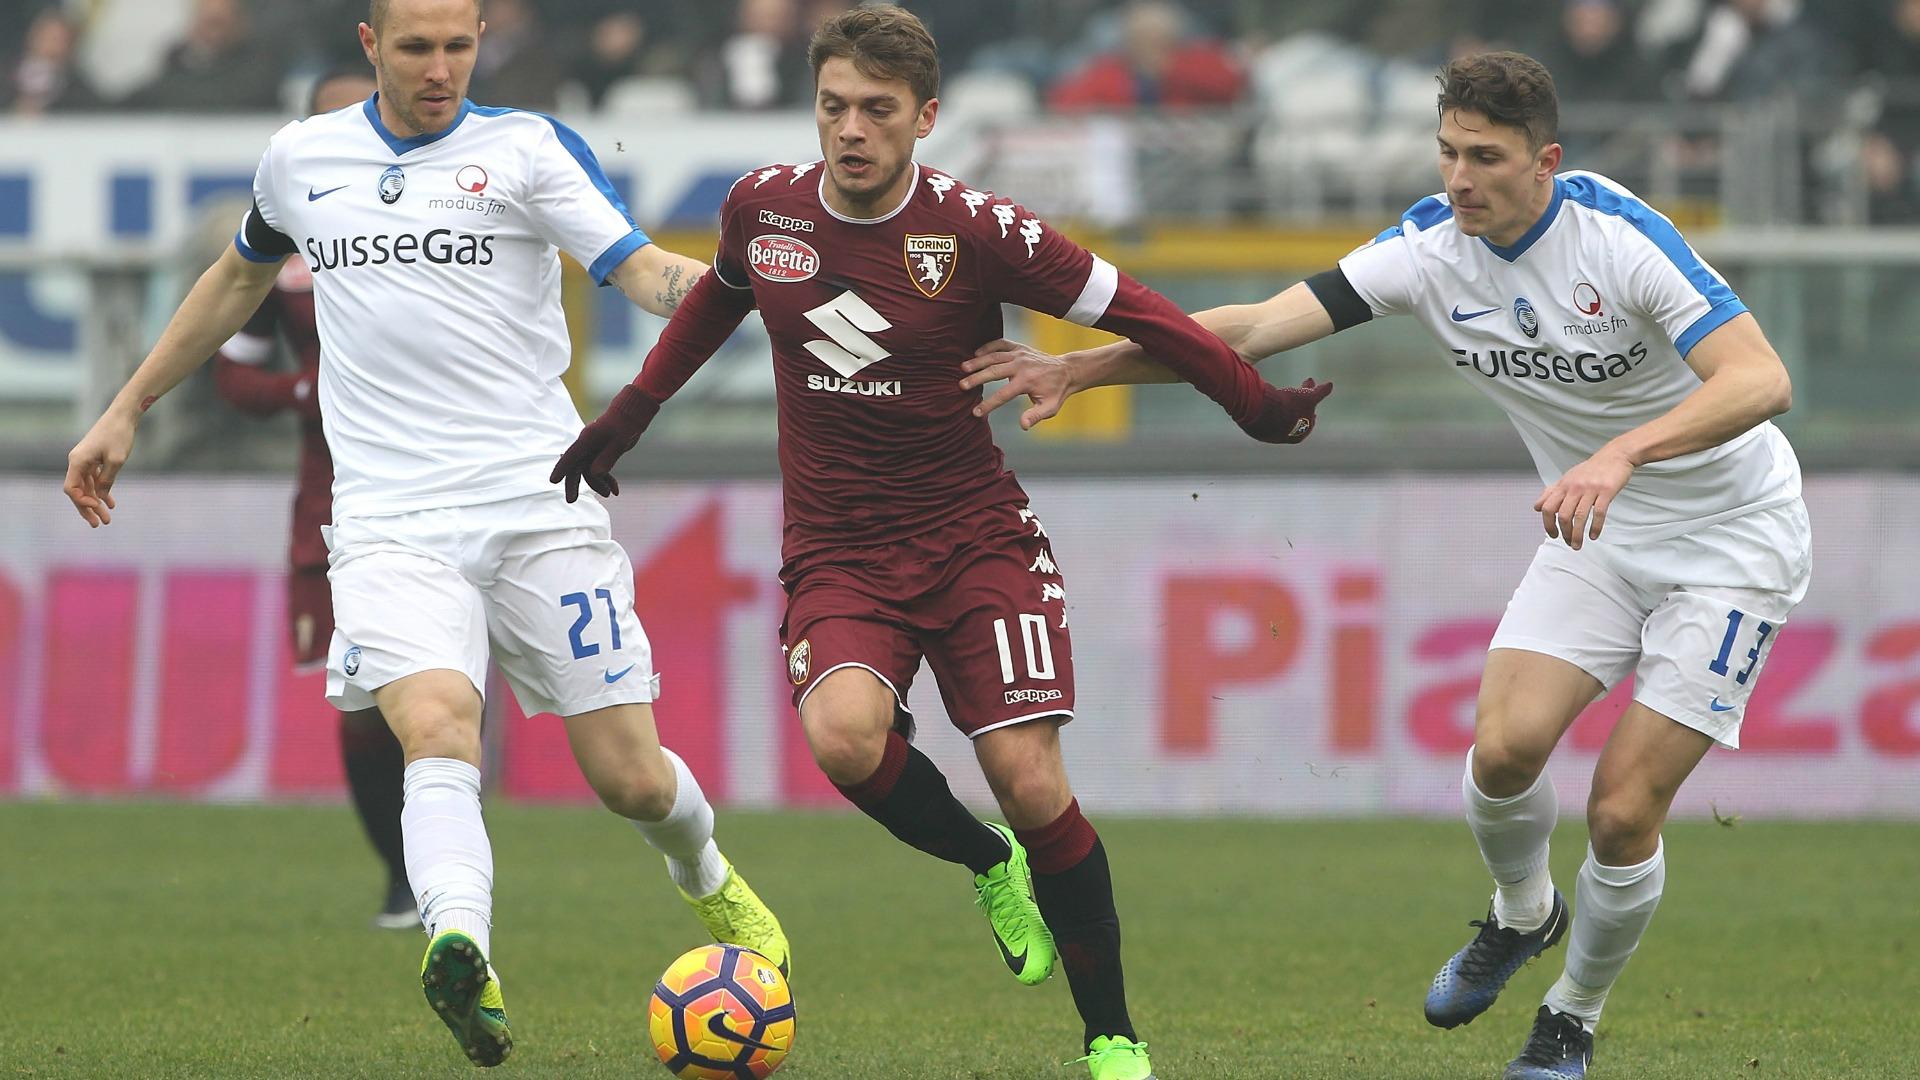 Il Torino non sa più vincere, solo un pari con l'Atalanta